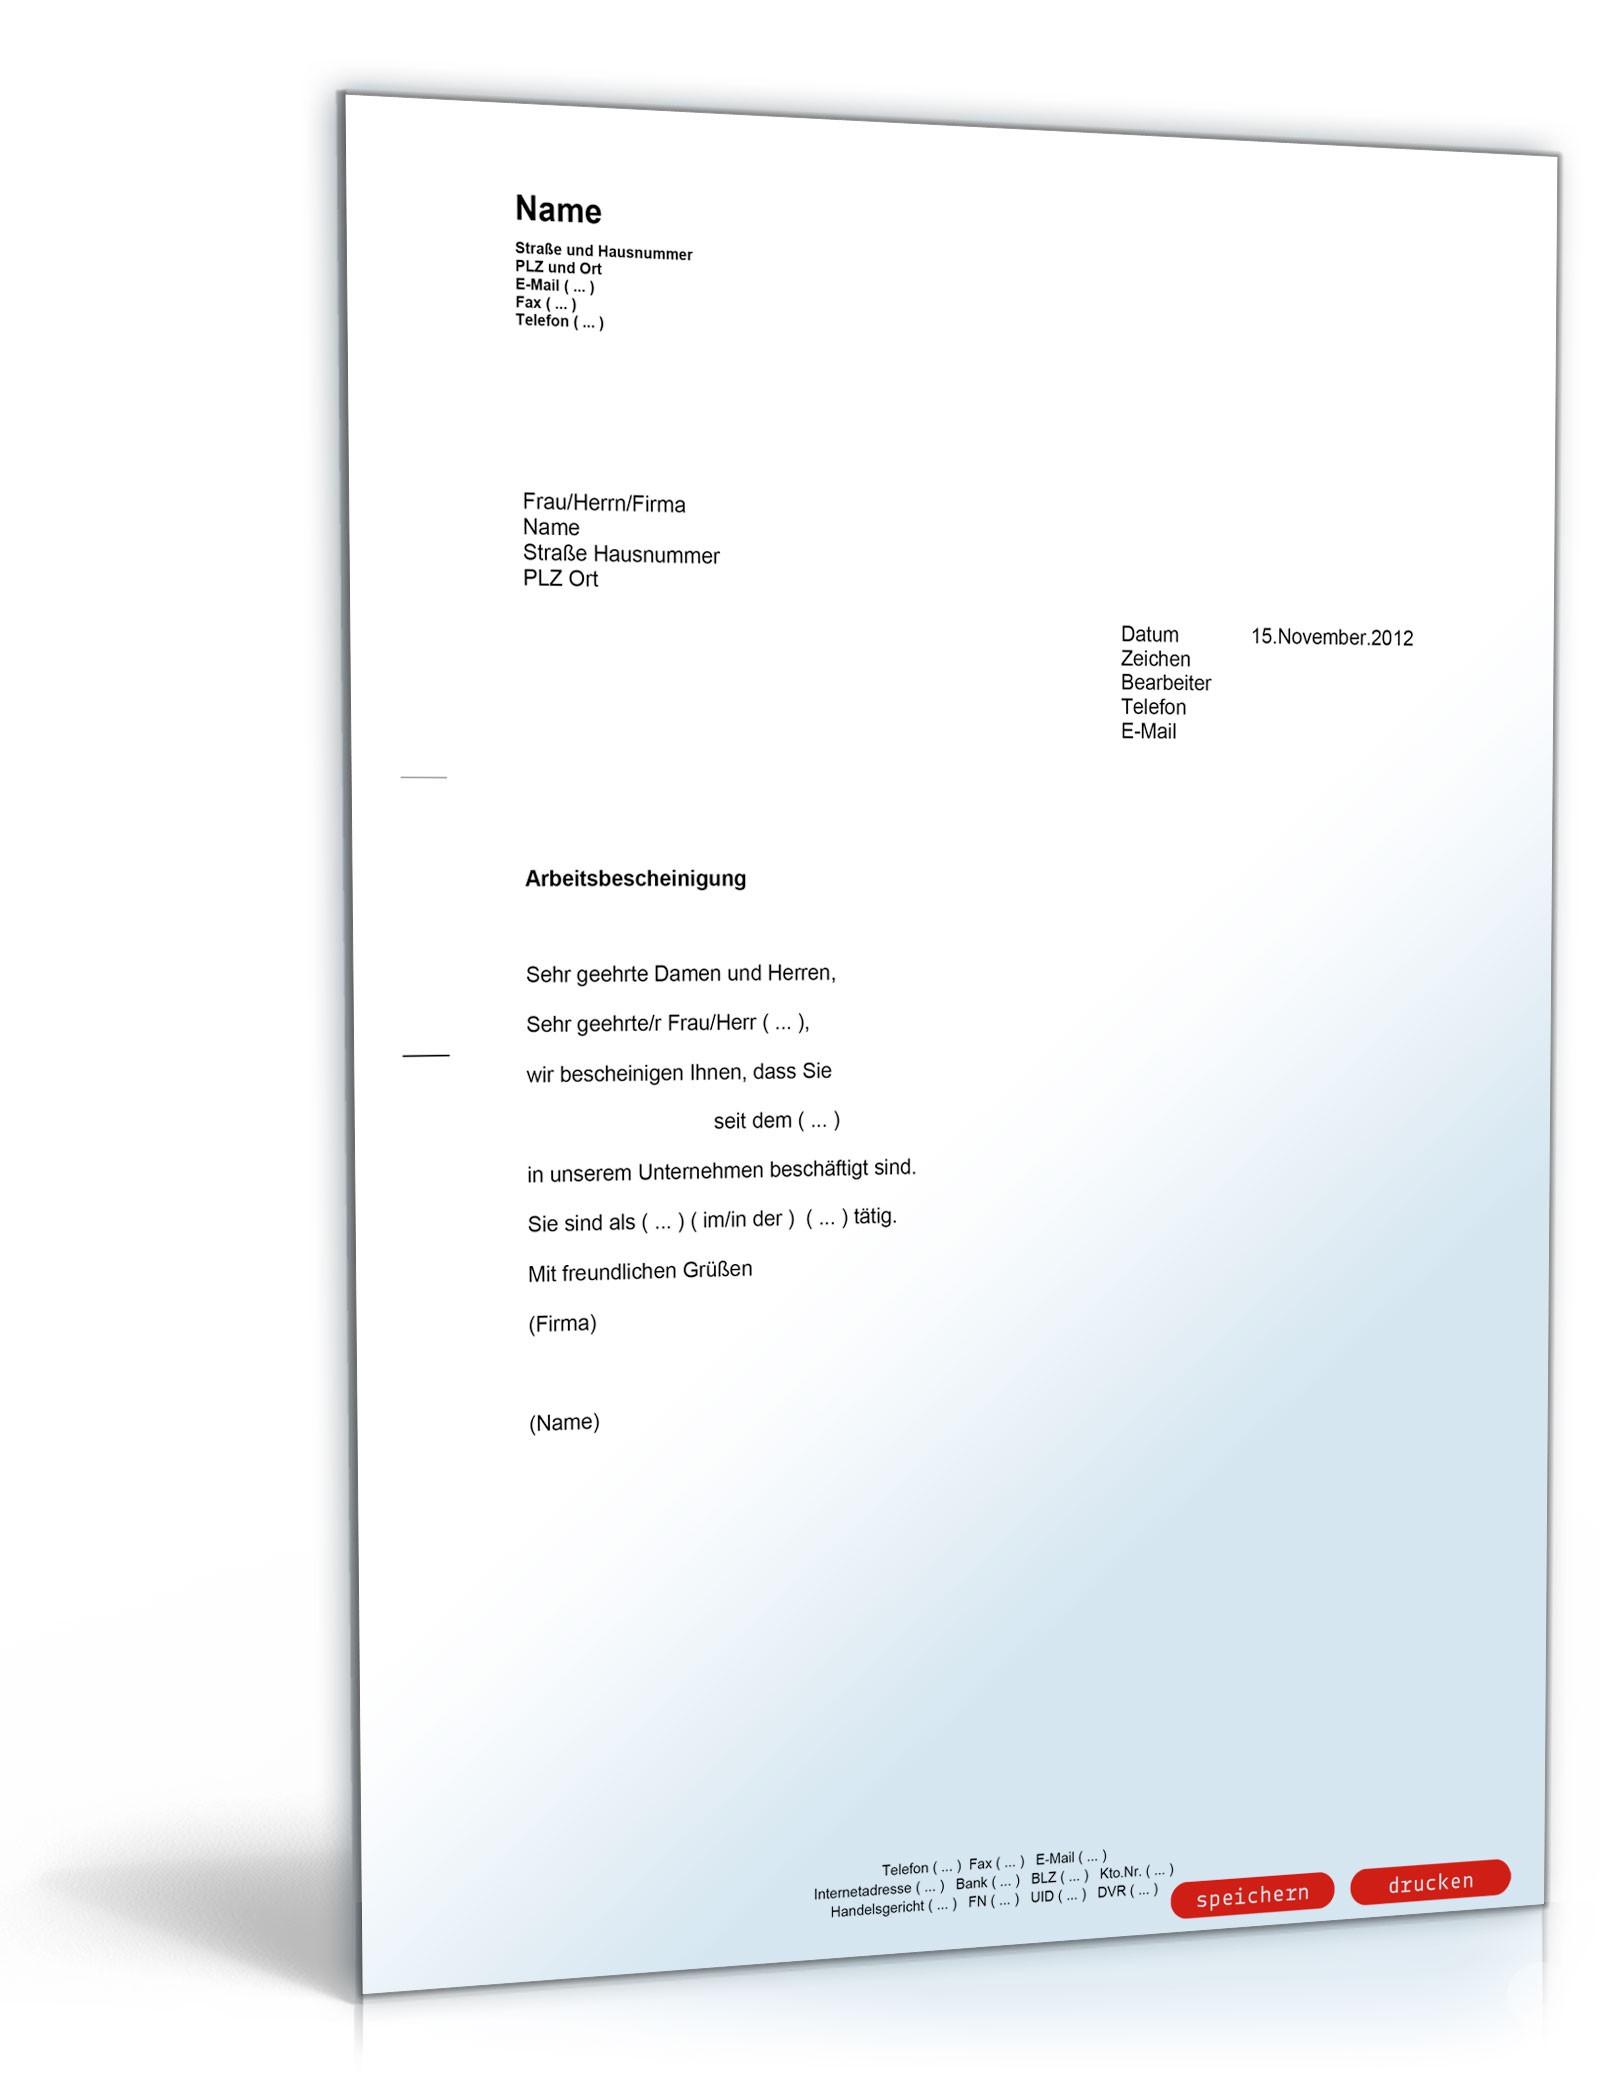 Arbeitsbescheinigung - Muster-Vorlage zum Download